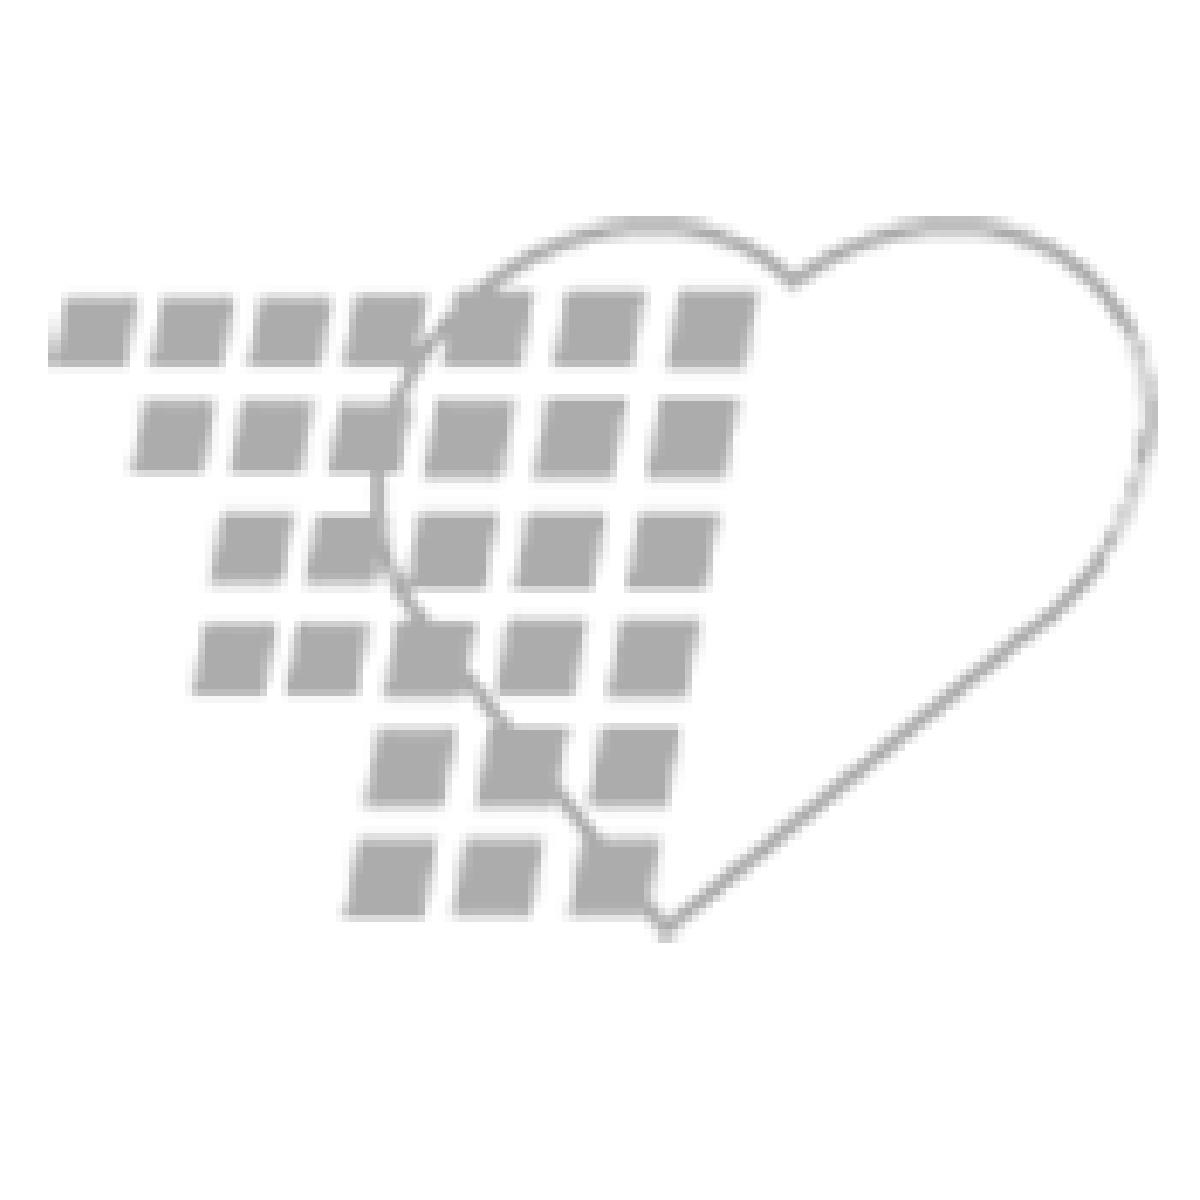 06-93-0134 - Demo Dose® Lactulos 30 mL 10 g /15 mL